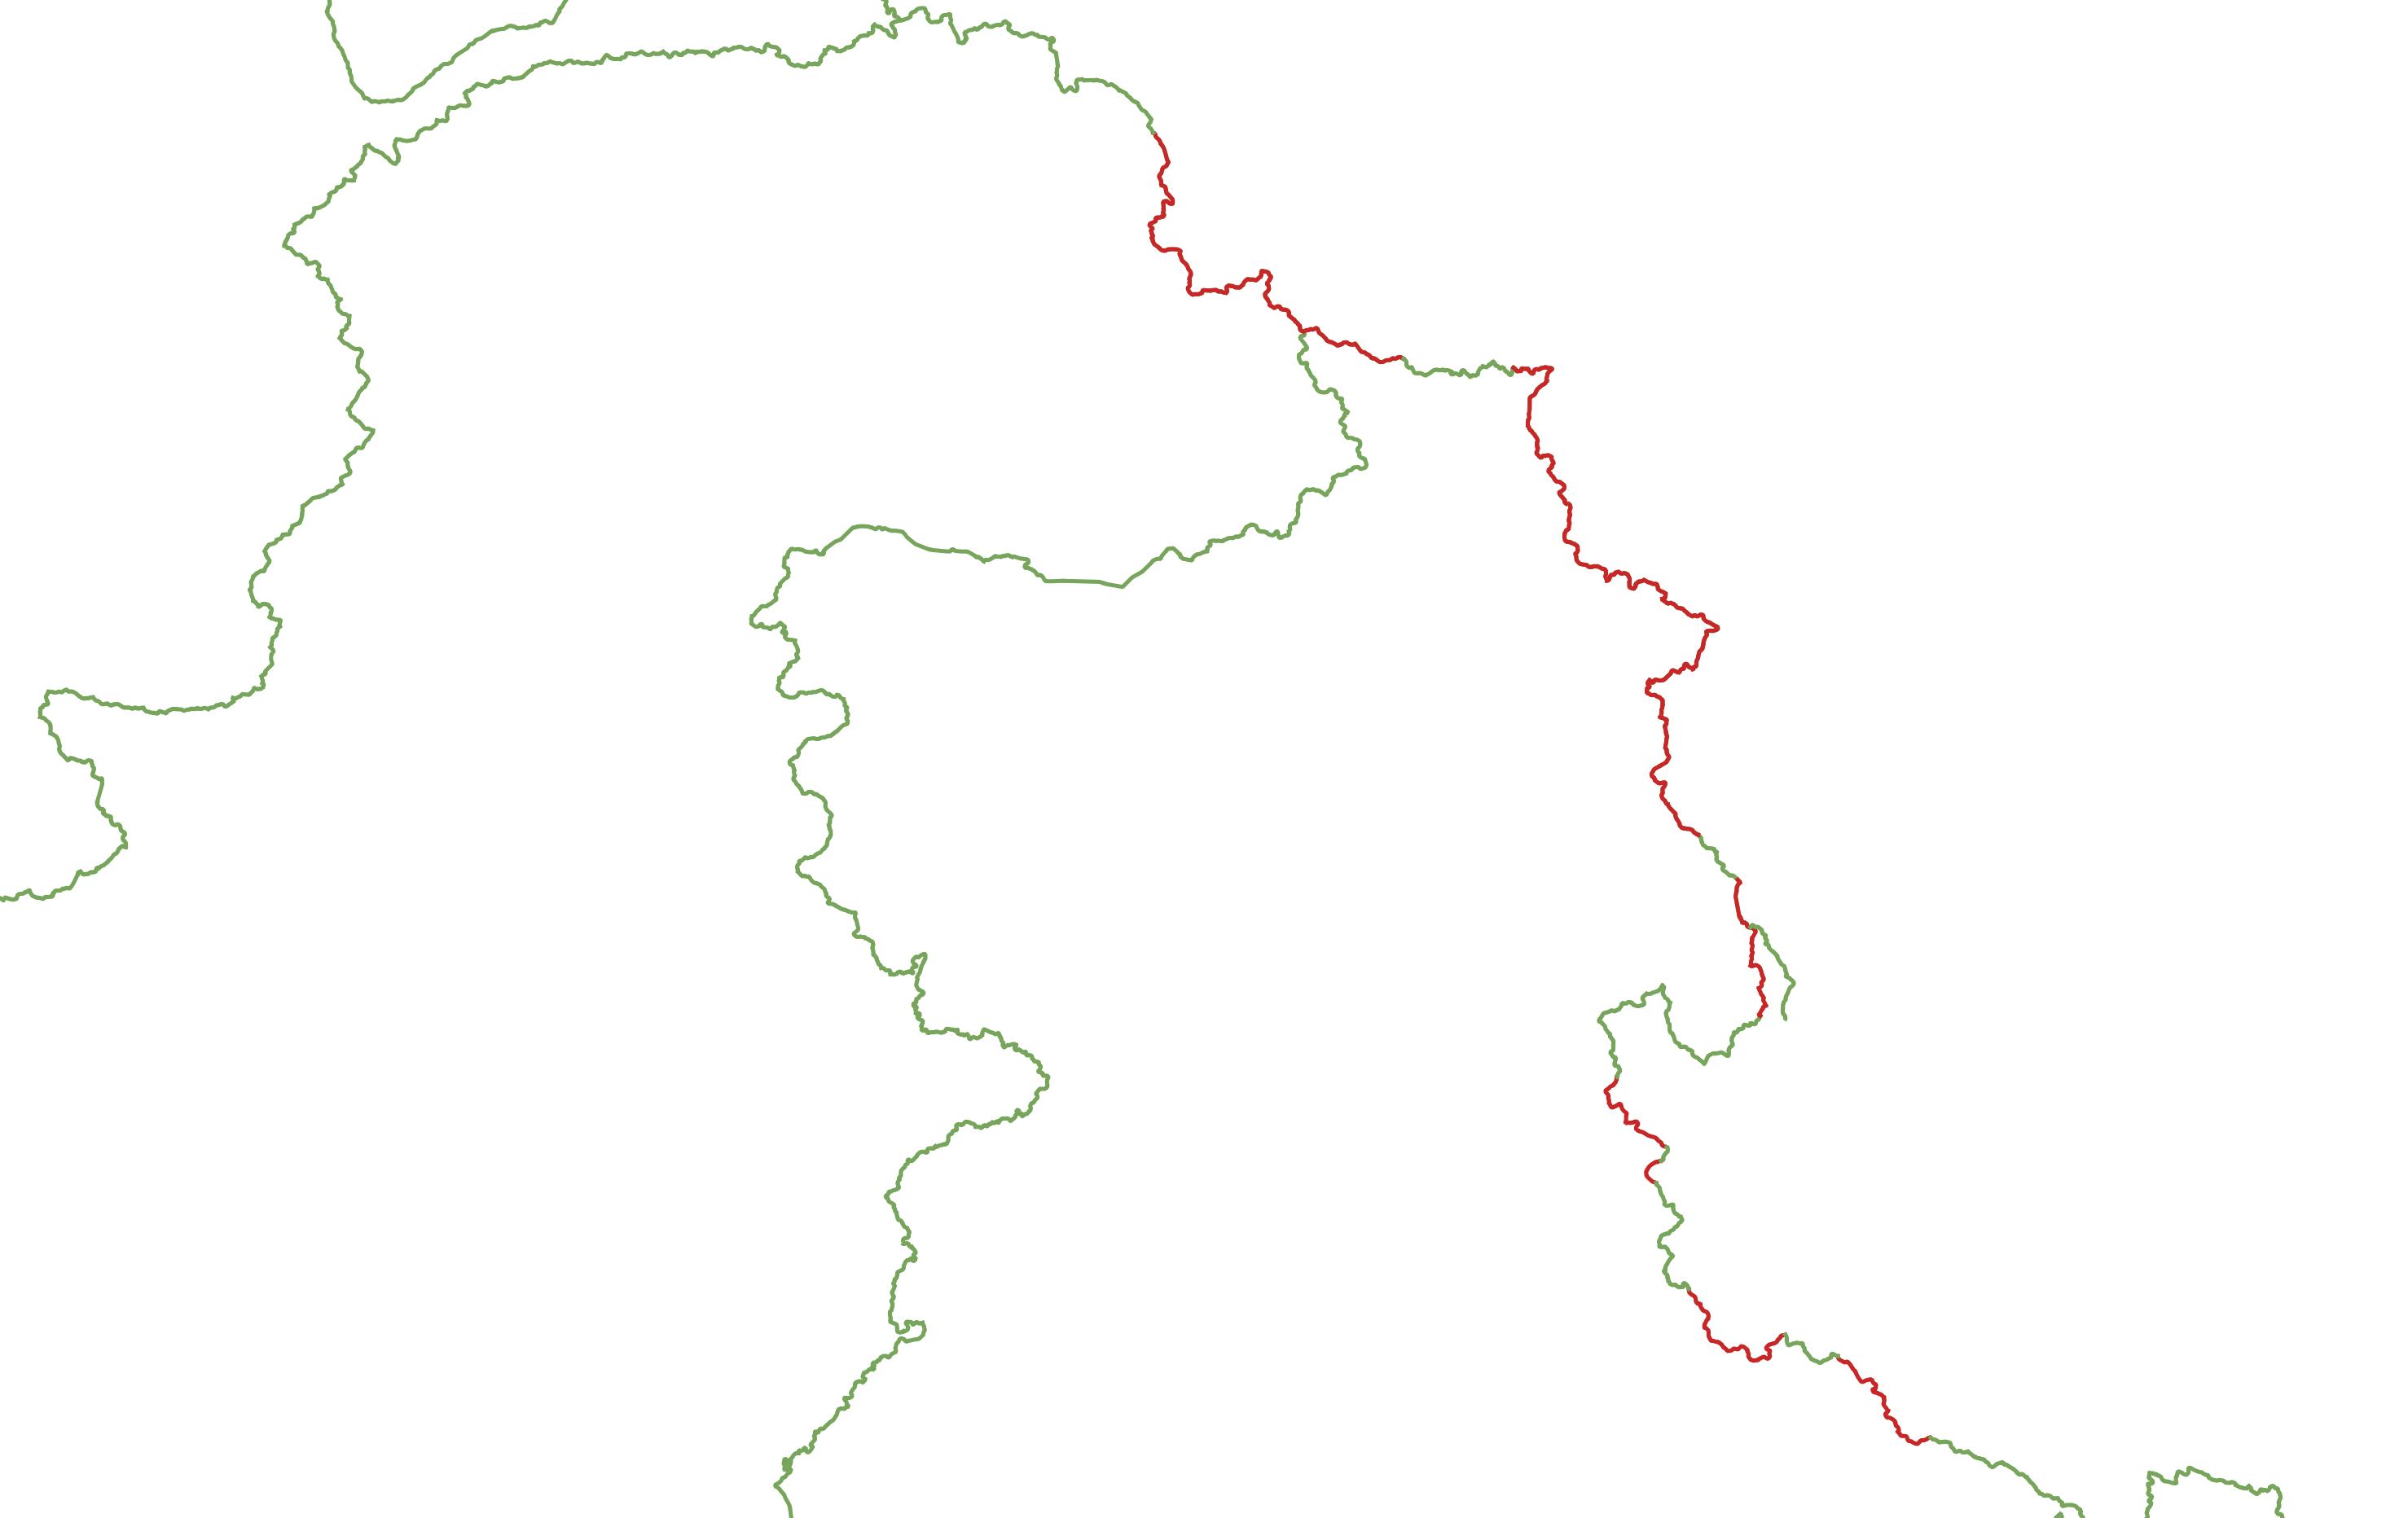 China view